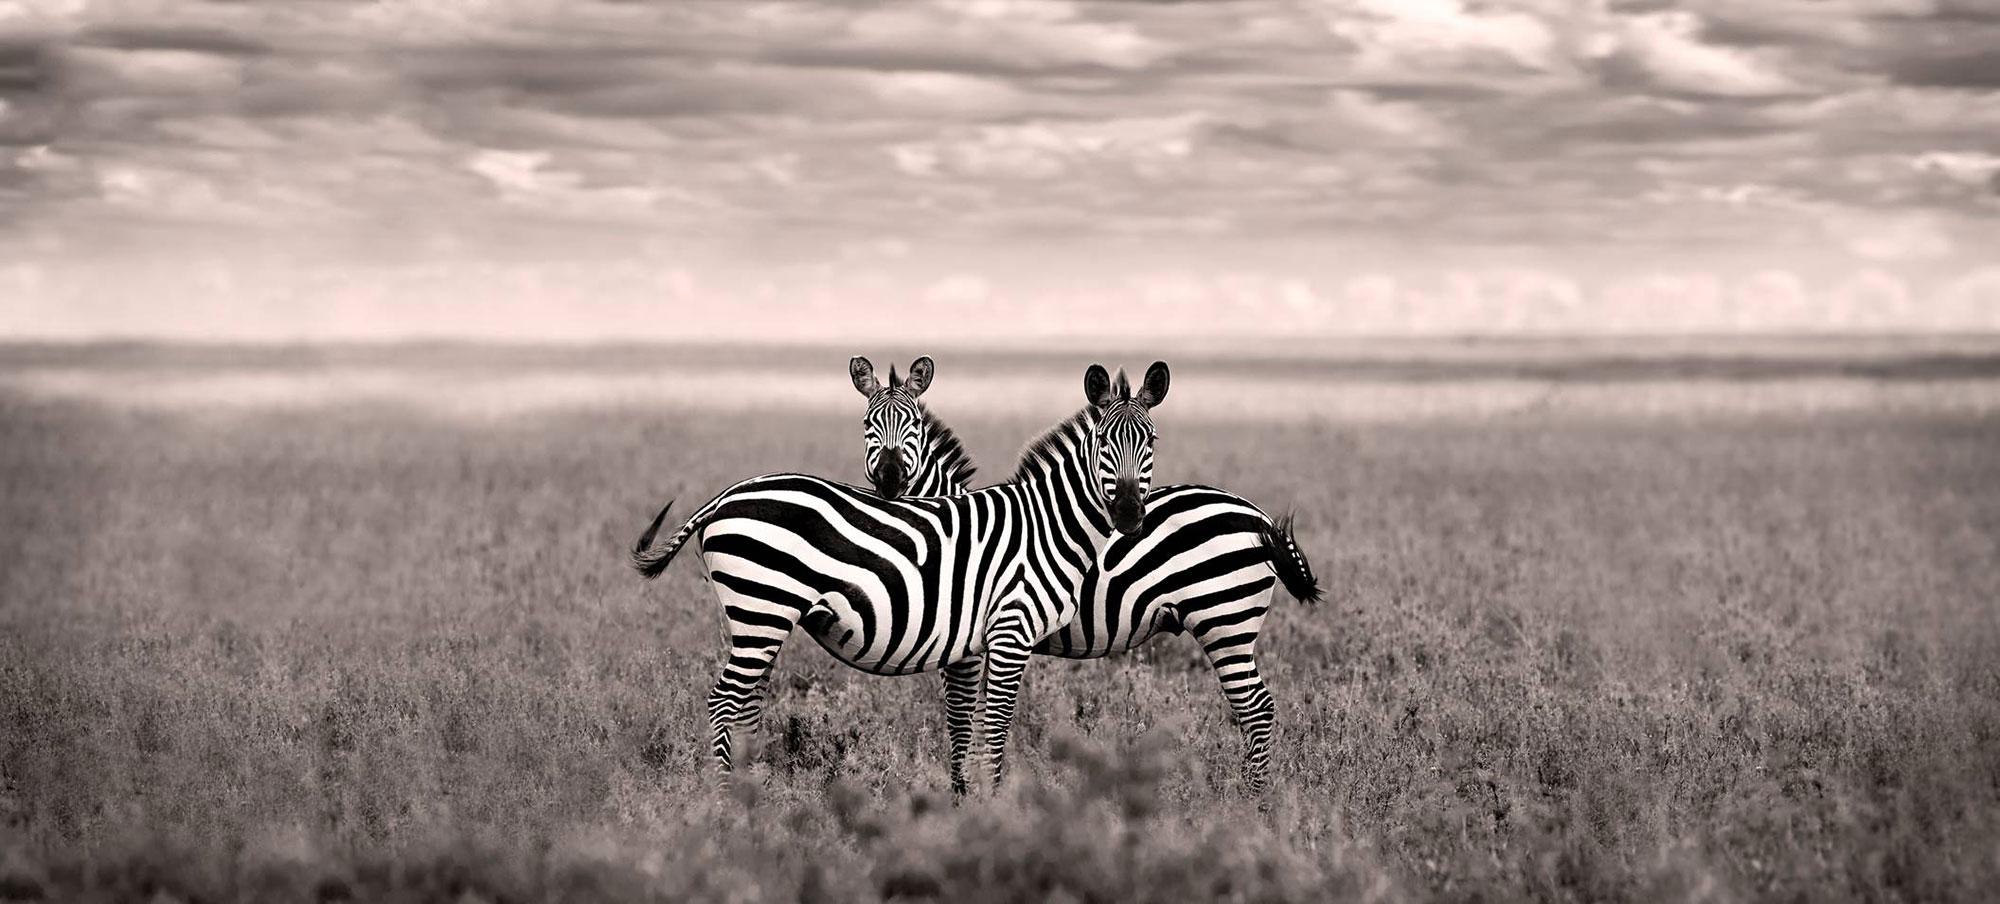 Venera Zebras